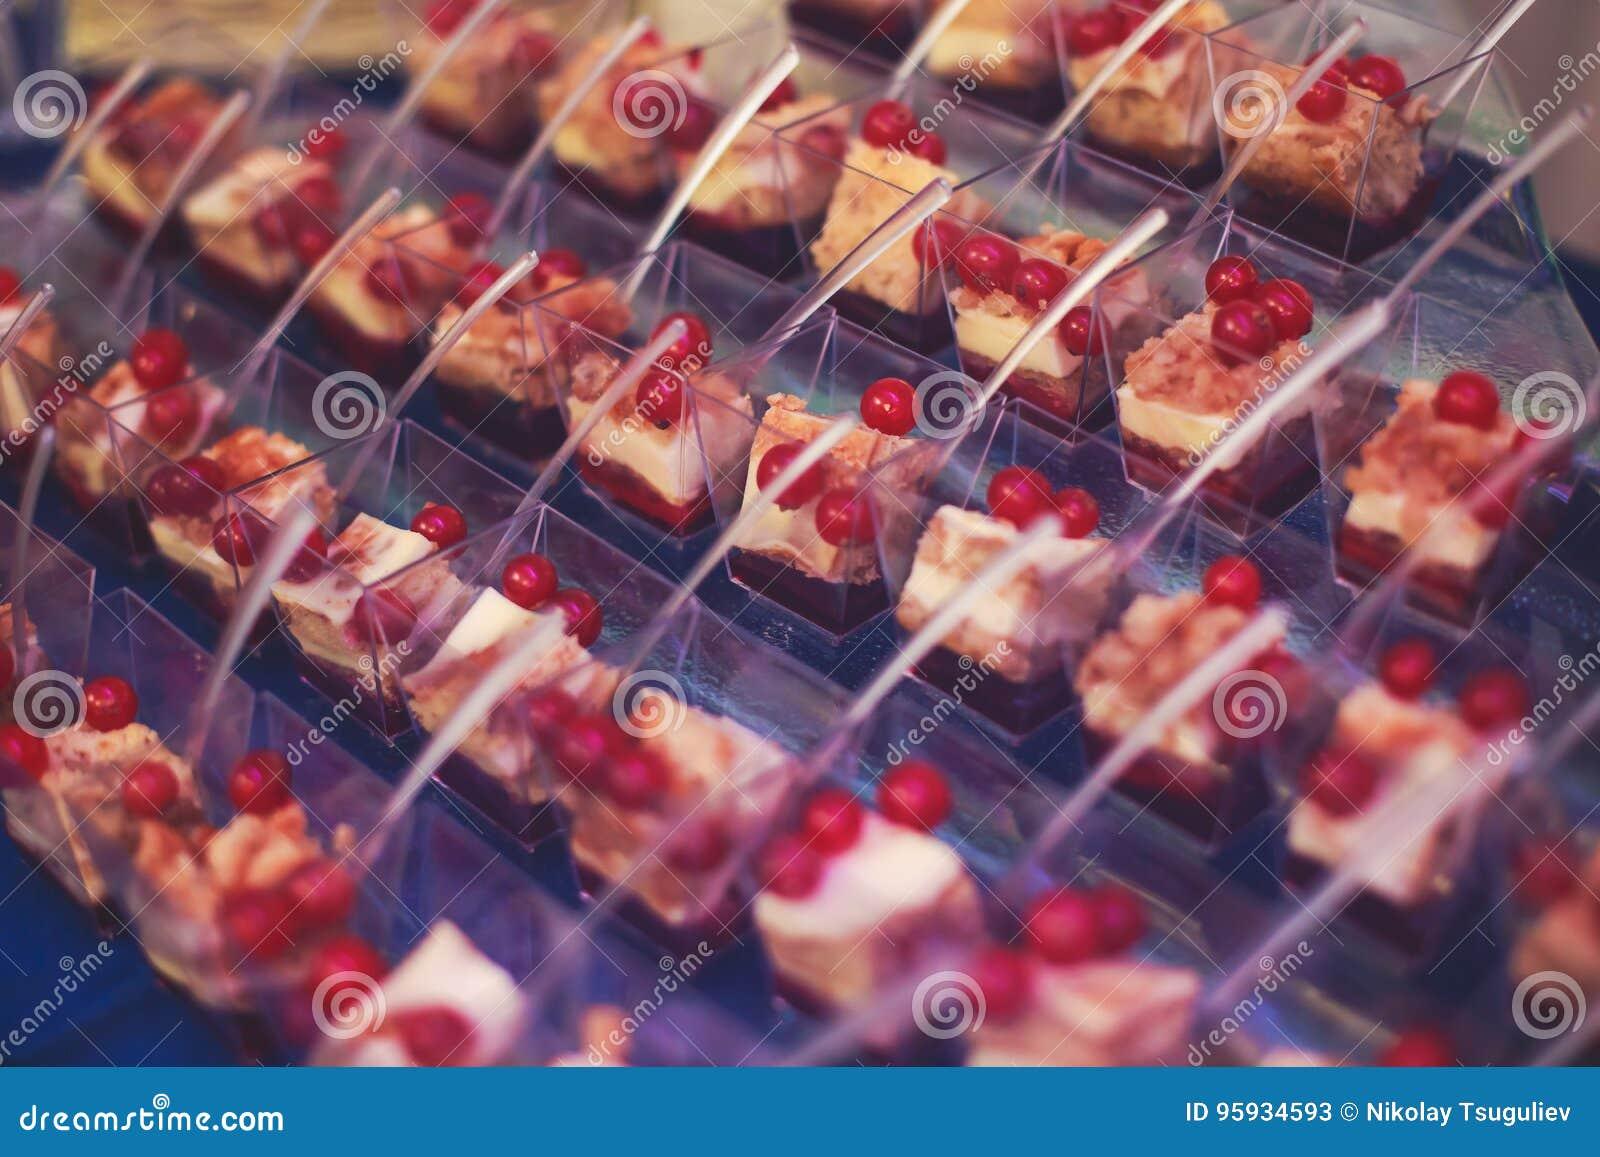 Πίνακας συμποσίου τομέα εστιάσεως με τα διαφορετικά πρόχειρα φαγητά και τα ορεκτικά τροφίμων στο εταιρικό γεγονός γιορτών γενεθλί